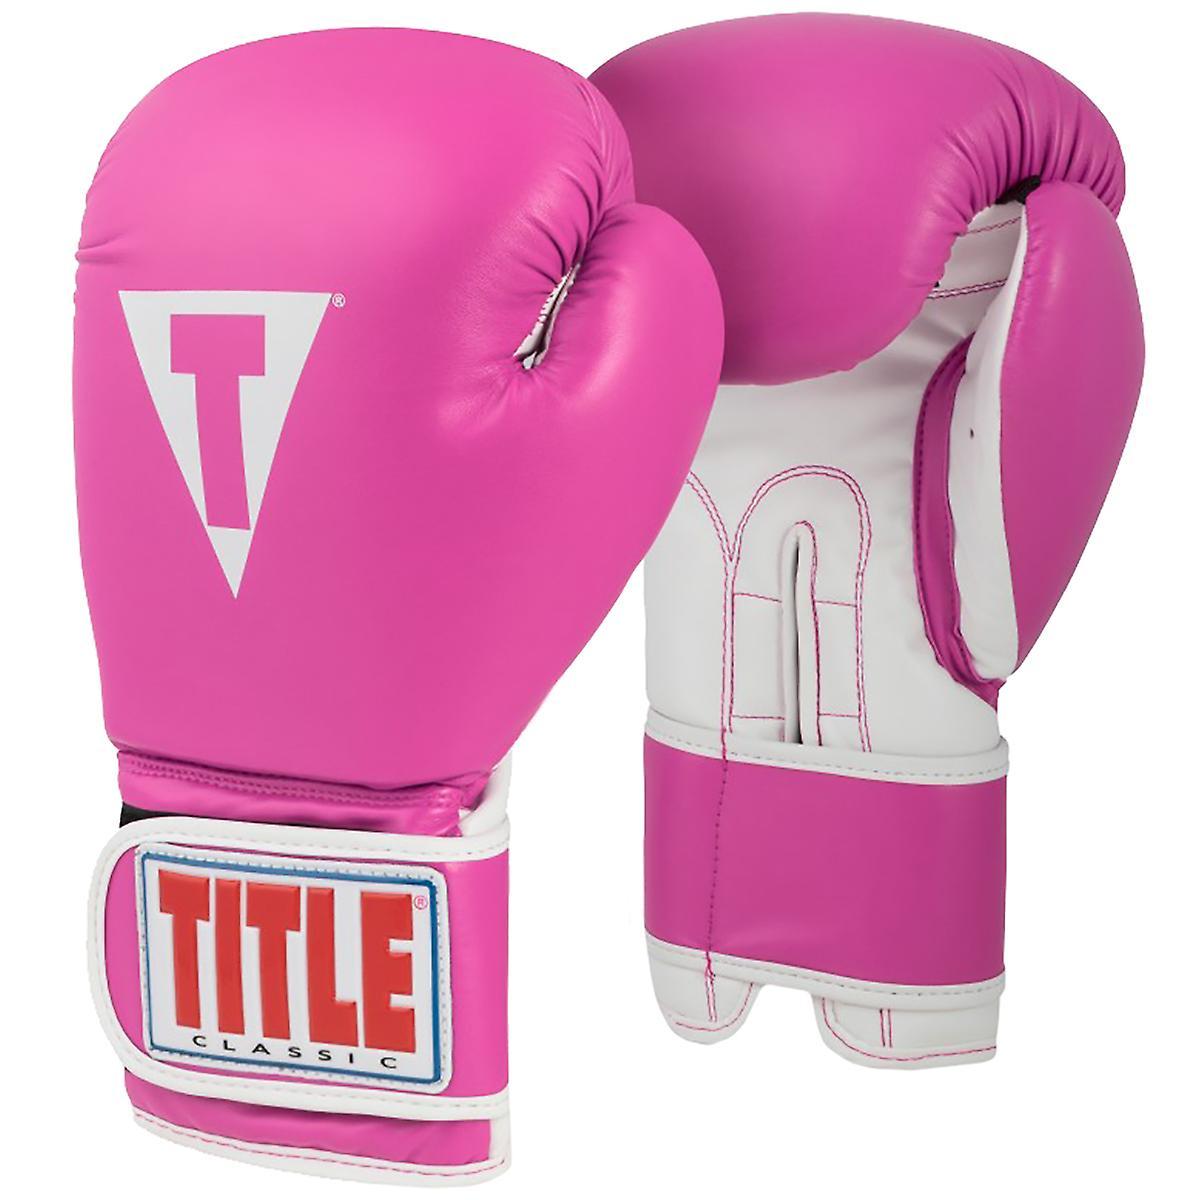 Titre boxe classique Style Pro 3.0 crochet et boucle formation gants - Hot rose blanc